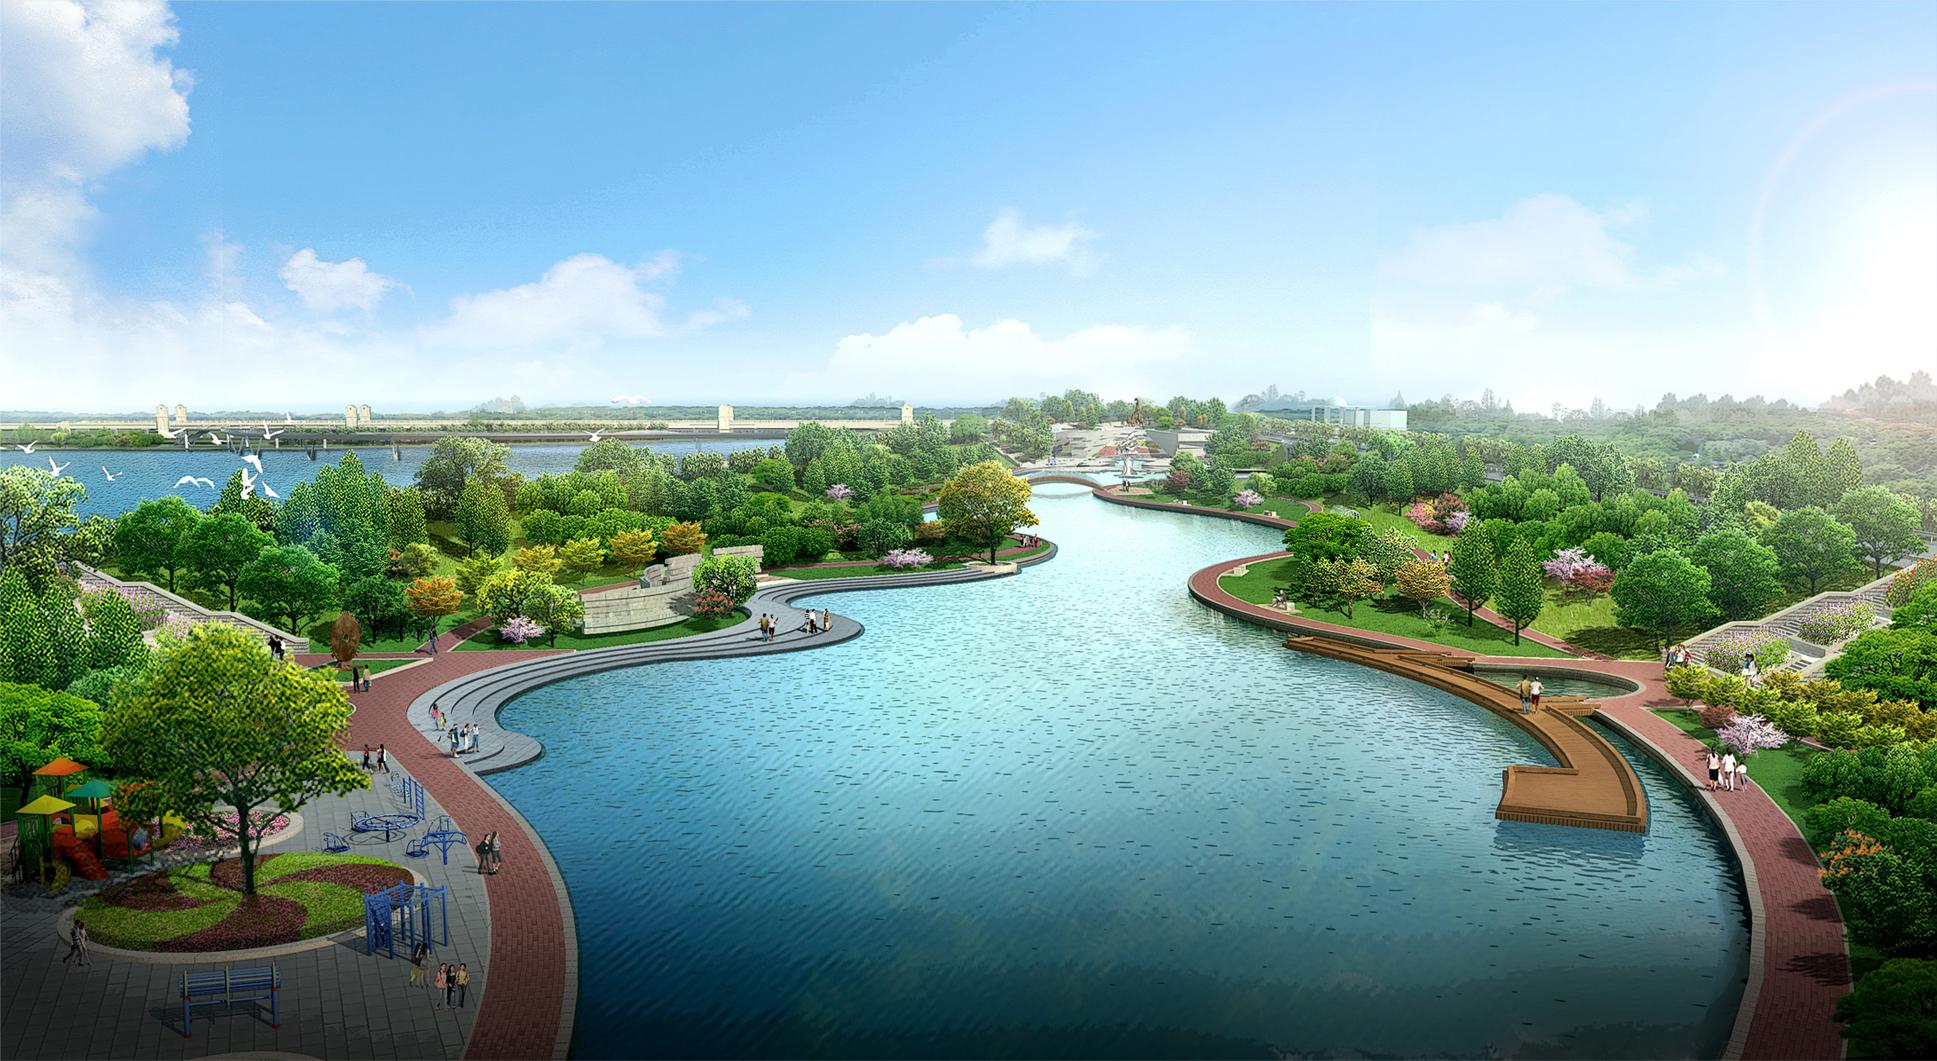 穆棱河景观设计